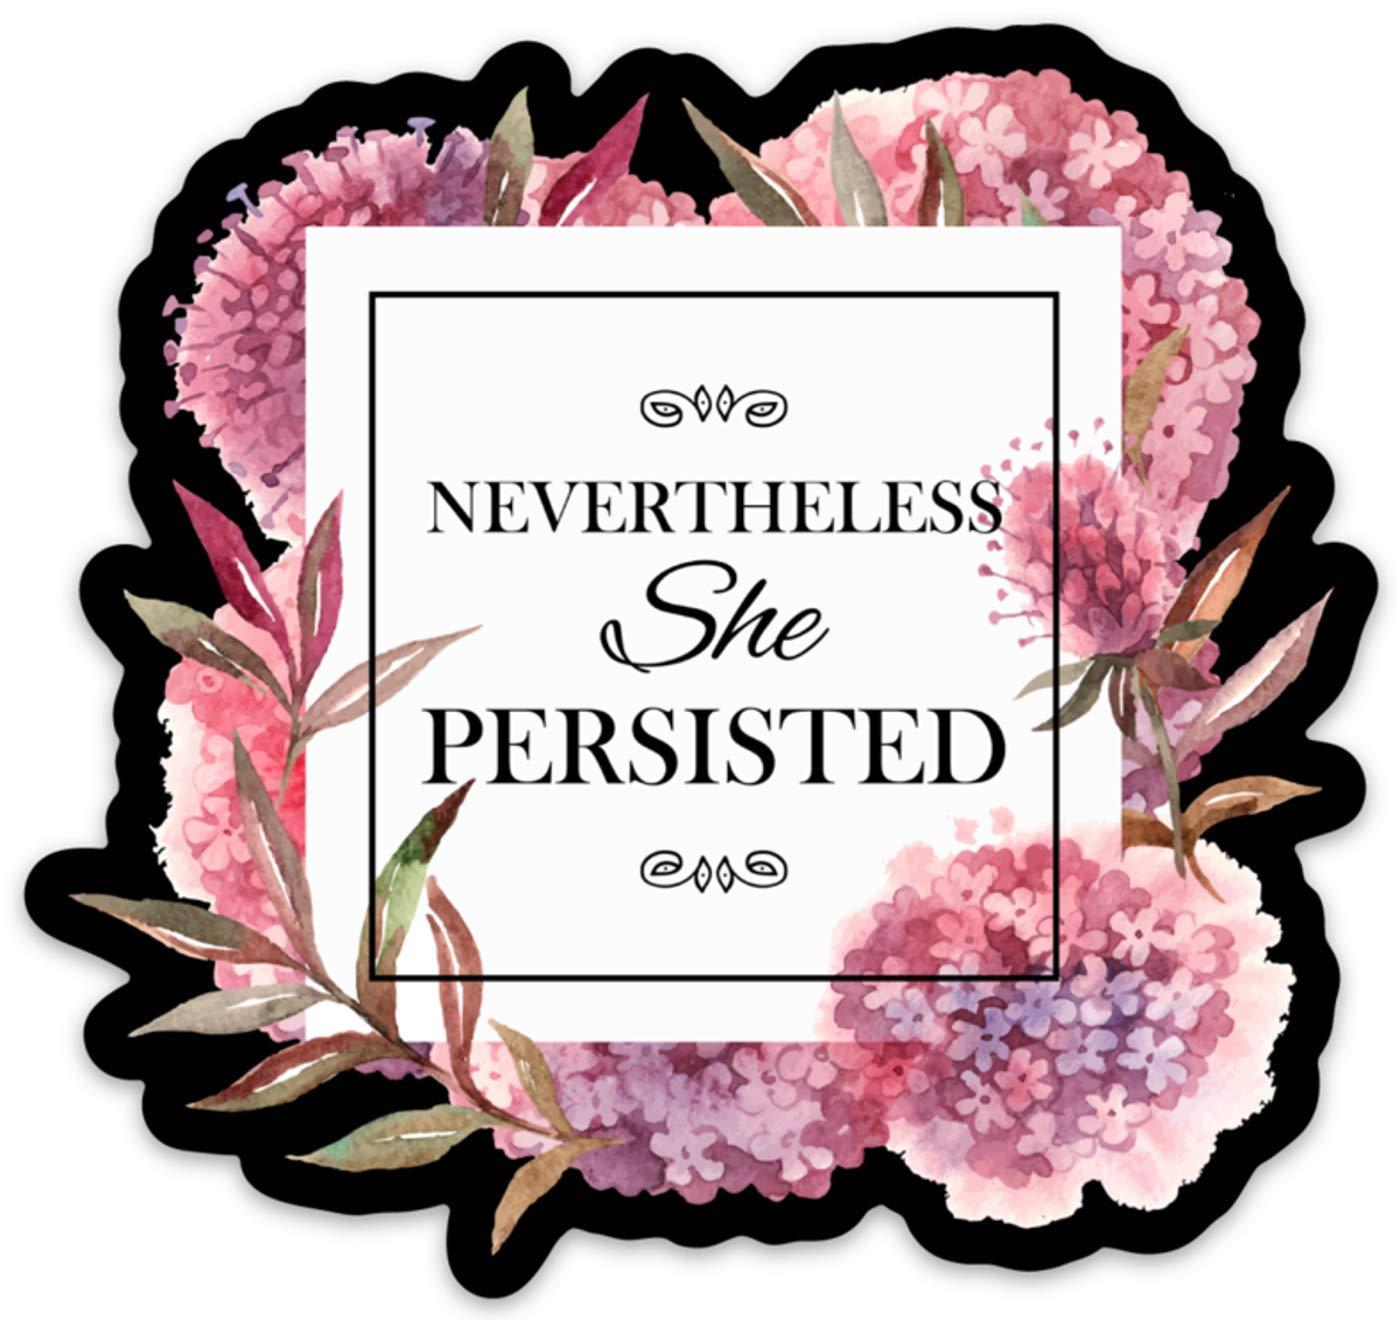 """Nevertheless She Persisted Vinyl Sticker Decal Waterproof for Laptops, Water Bottles, Car etc. 4"""" x 4"""" Feminist, Female, Girl Power"""